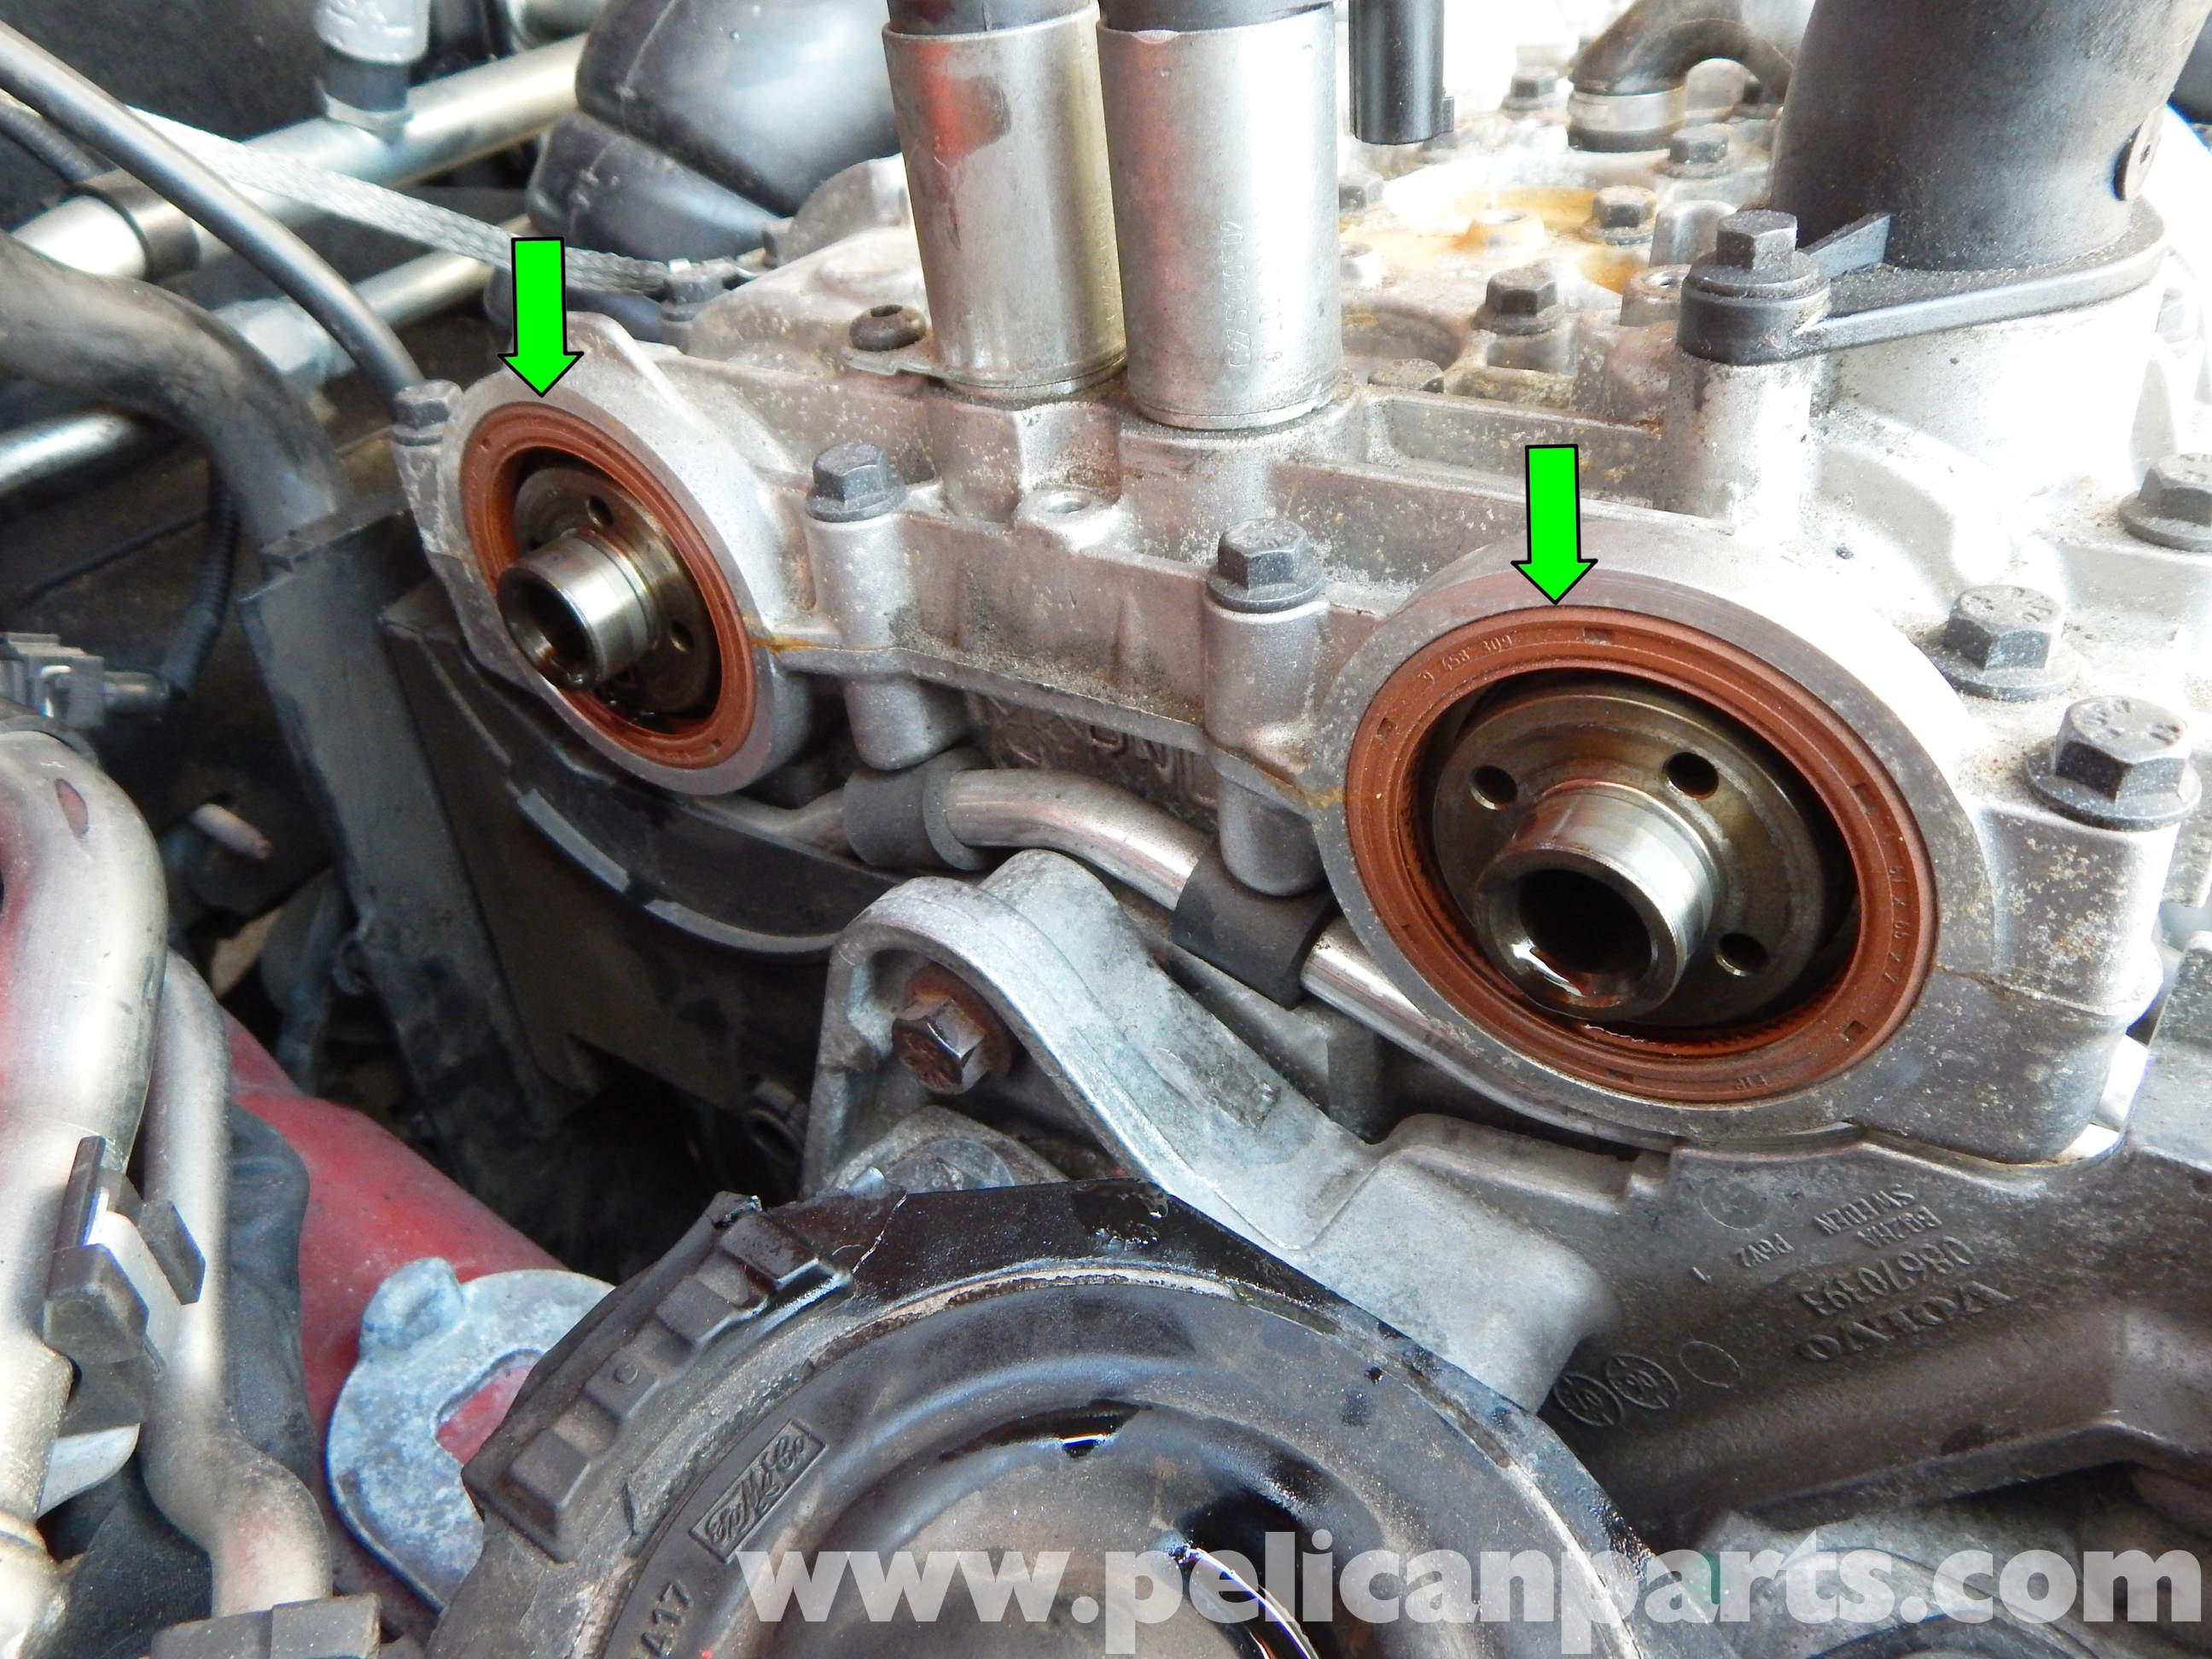 Rear Main Seal Stop Leak & Repair